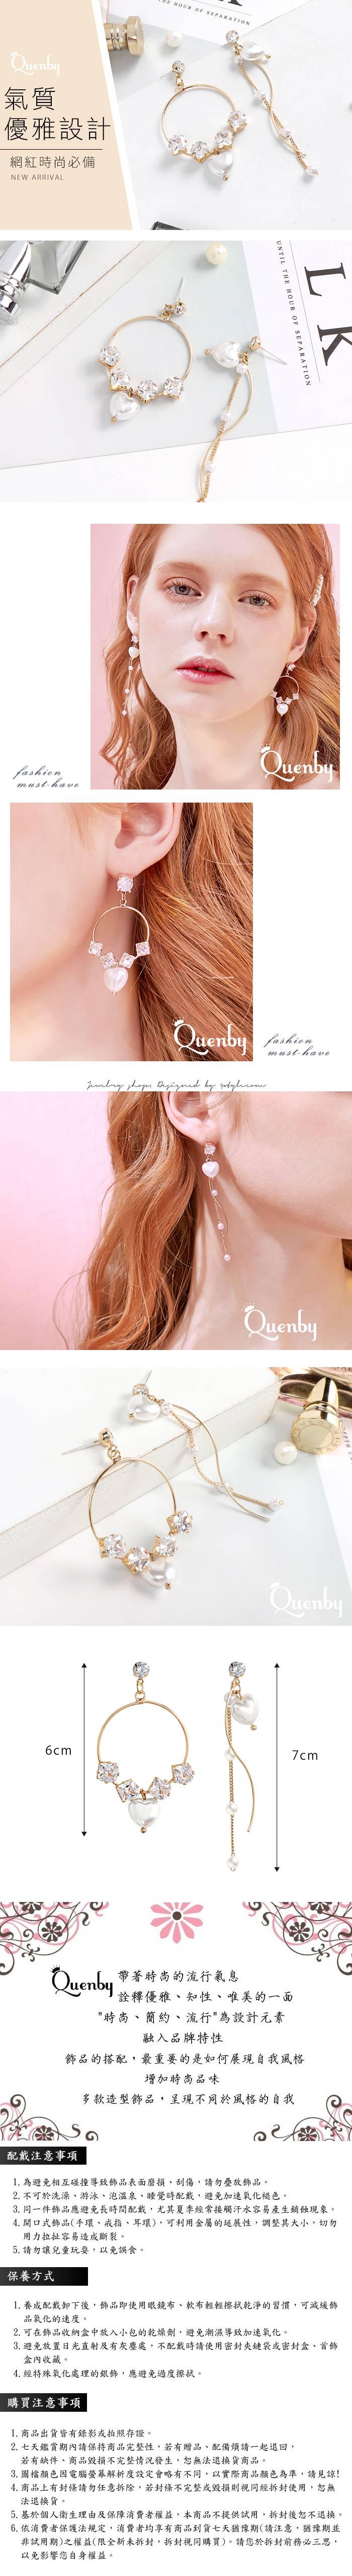 Quenby 925 ต่างหูเงินสเตอร์ลิง สวยหวานสง่างาม